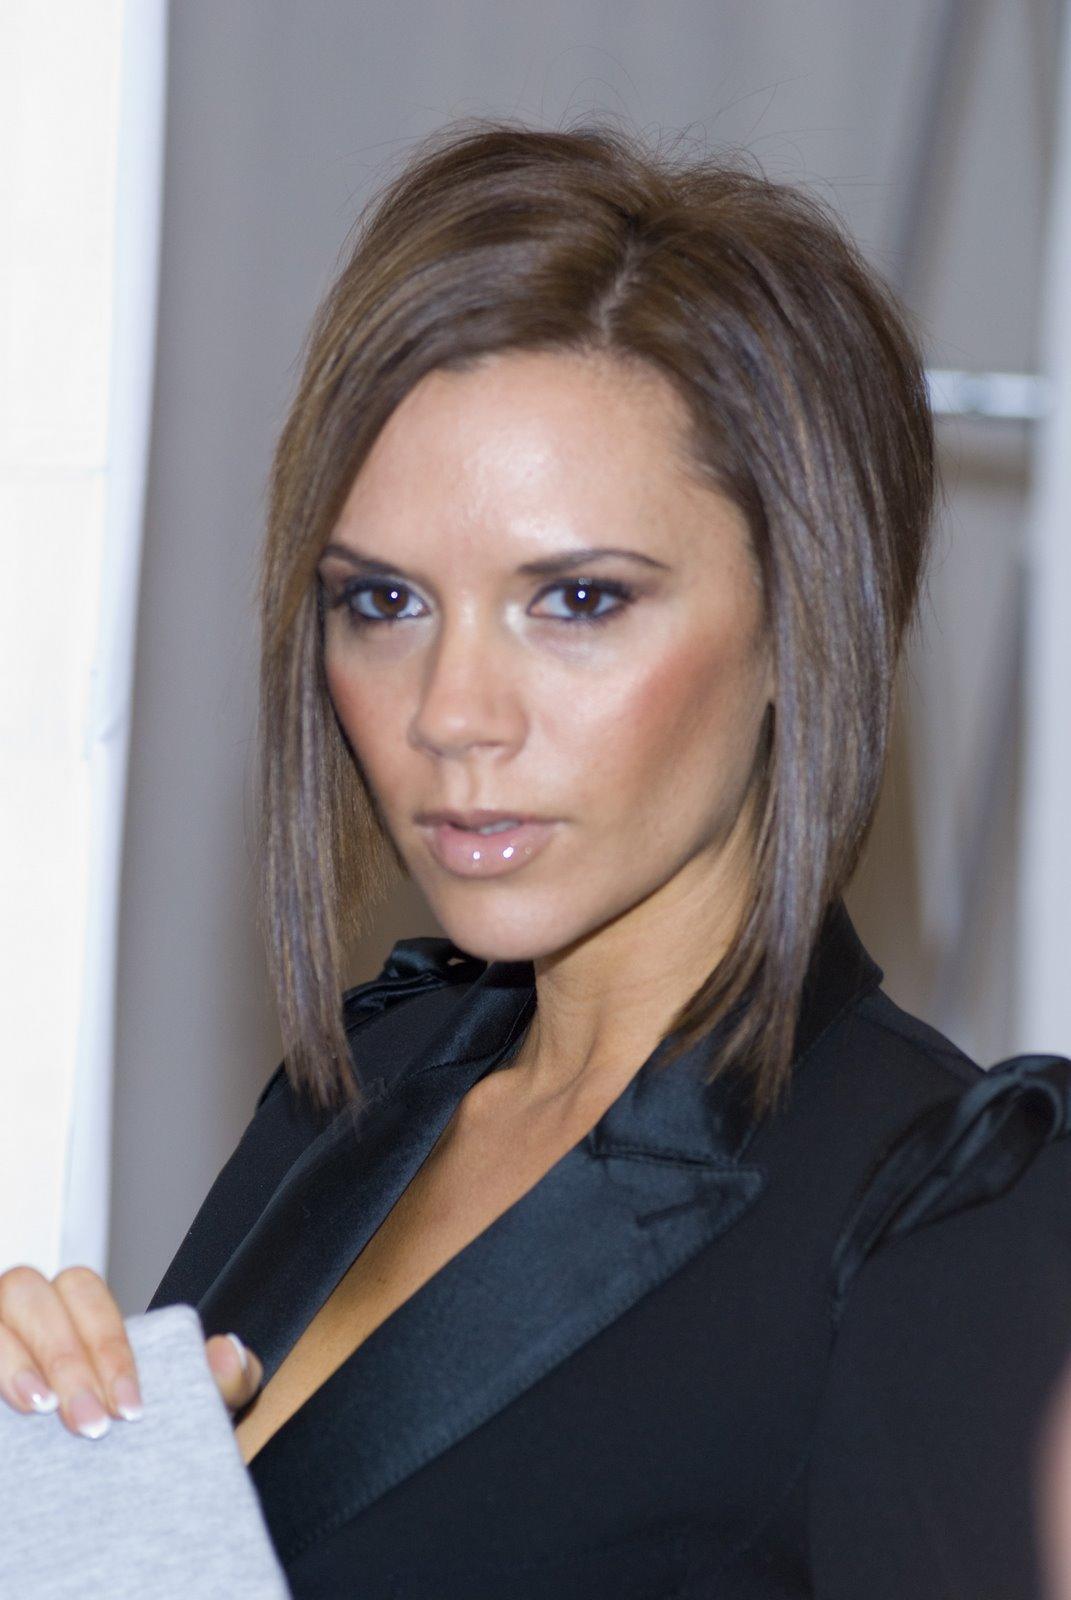 Victoria Beckham Hairstyle Victoria Beckham